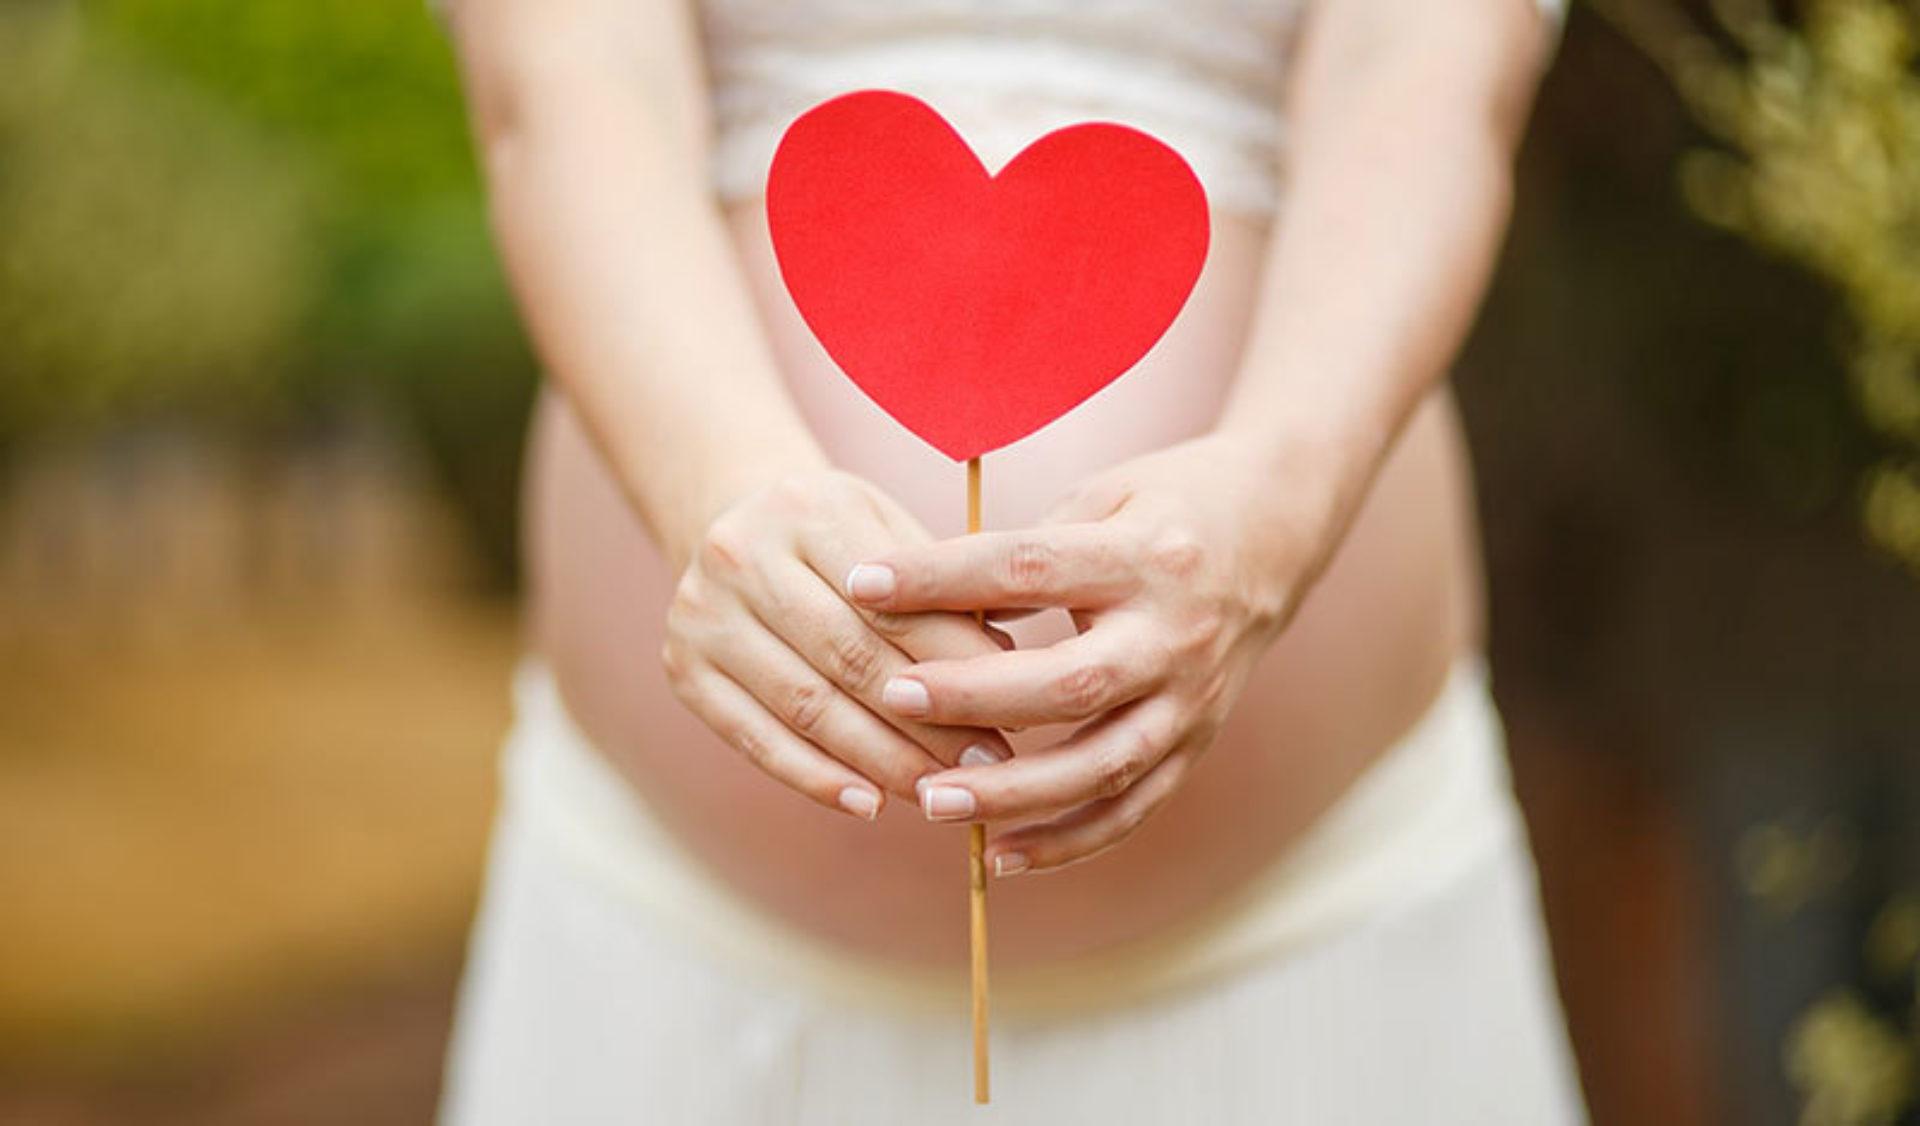 7 preconceptionele tips voor een gezonde zwangerschap